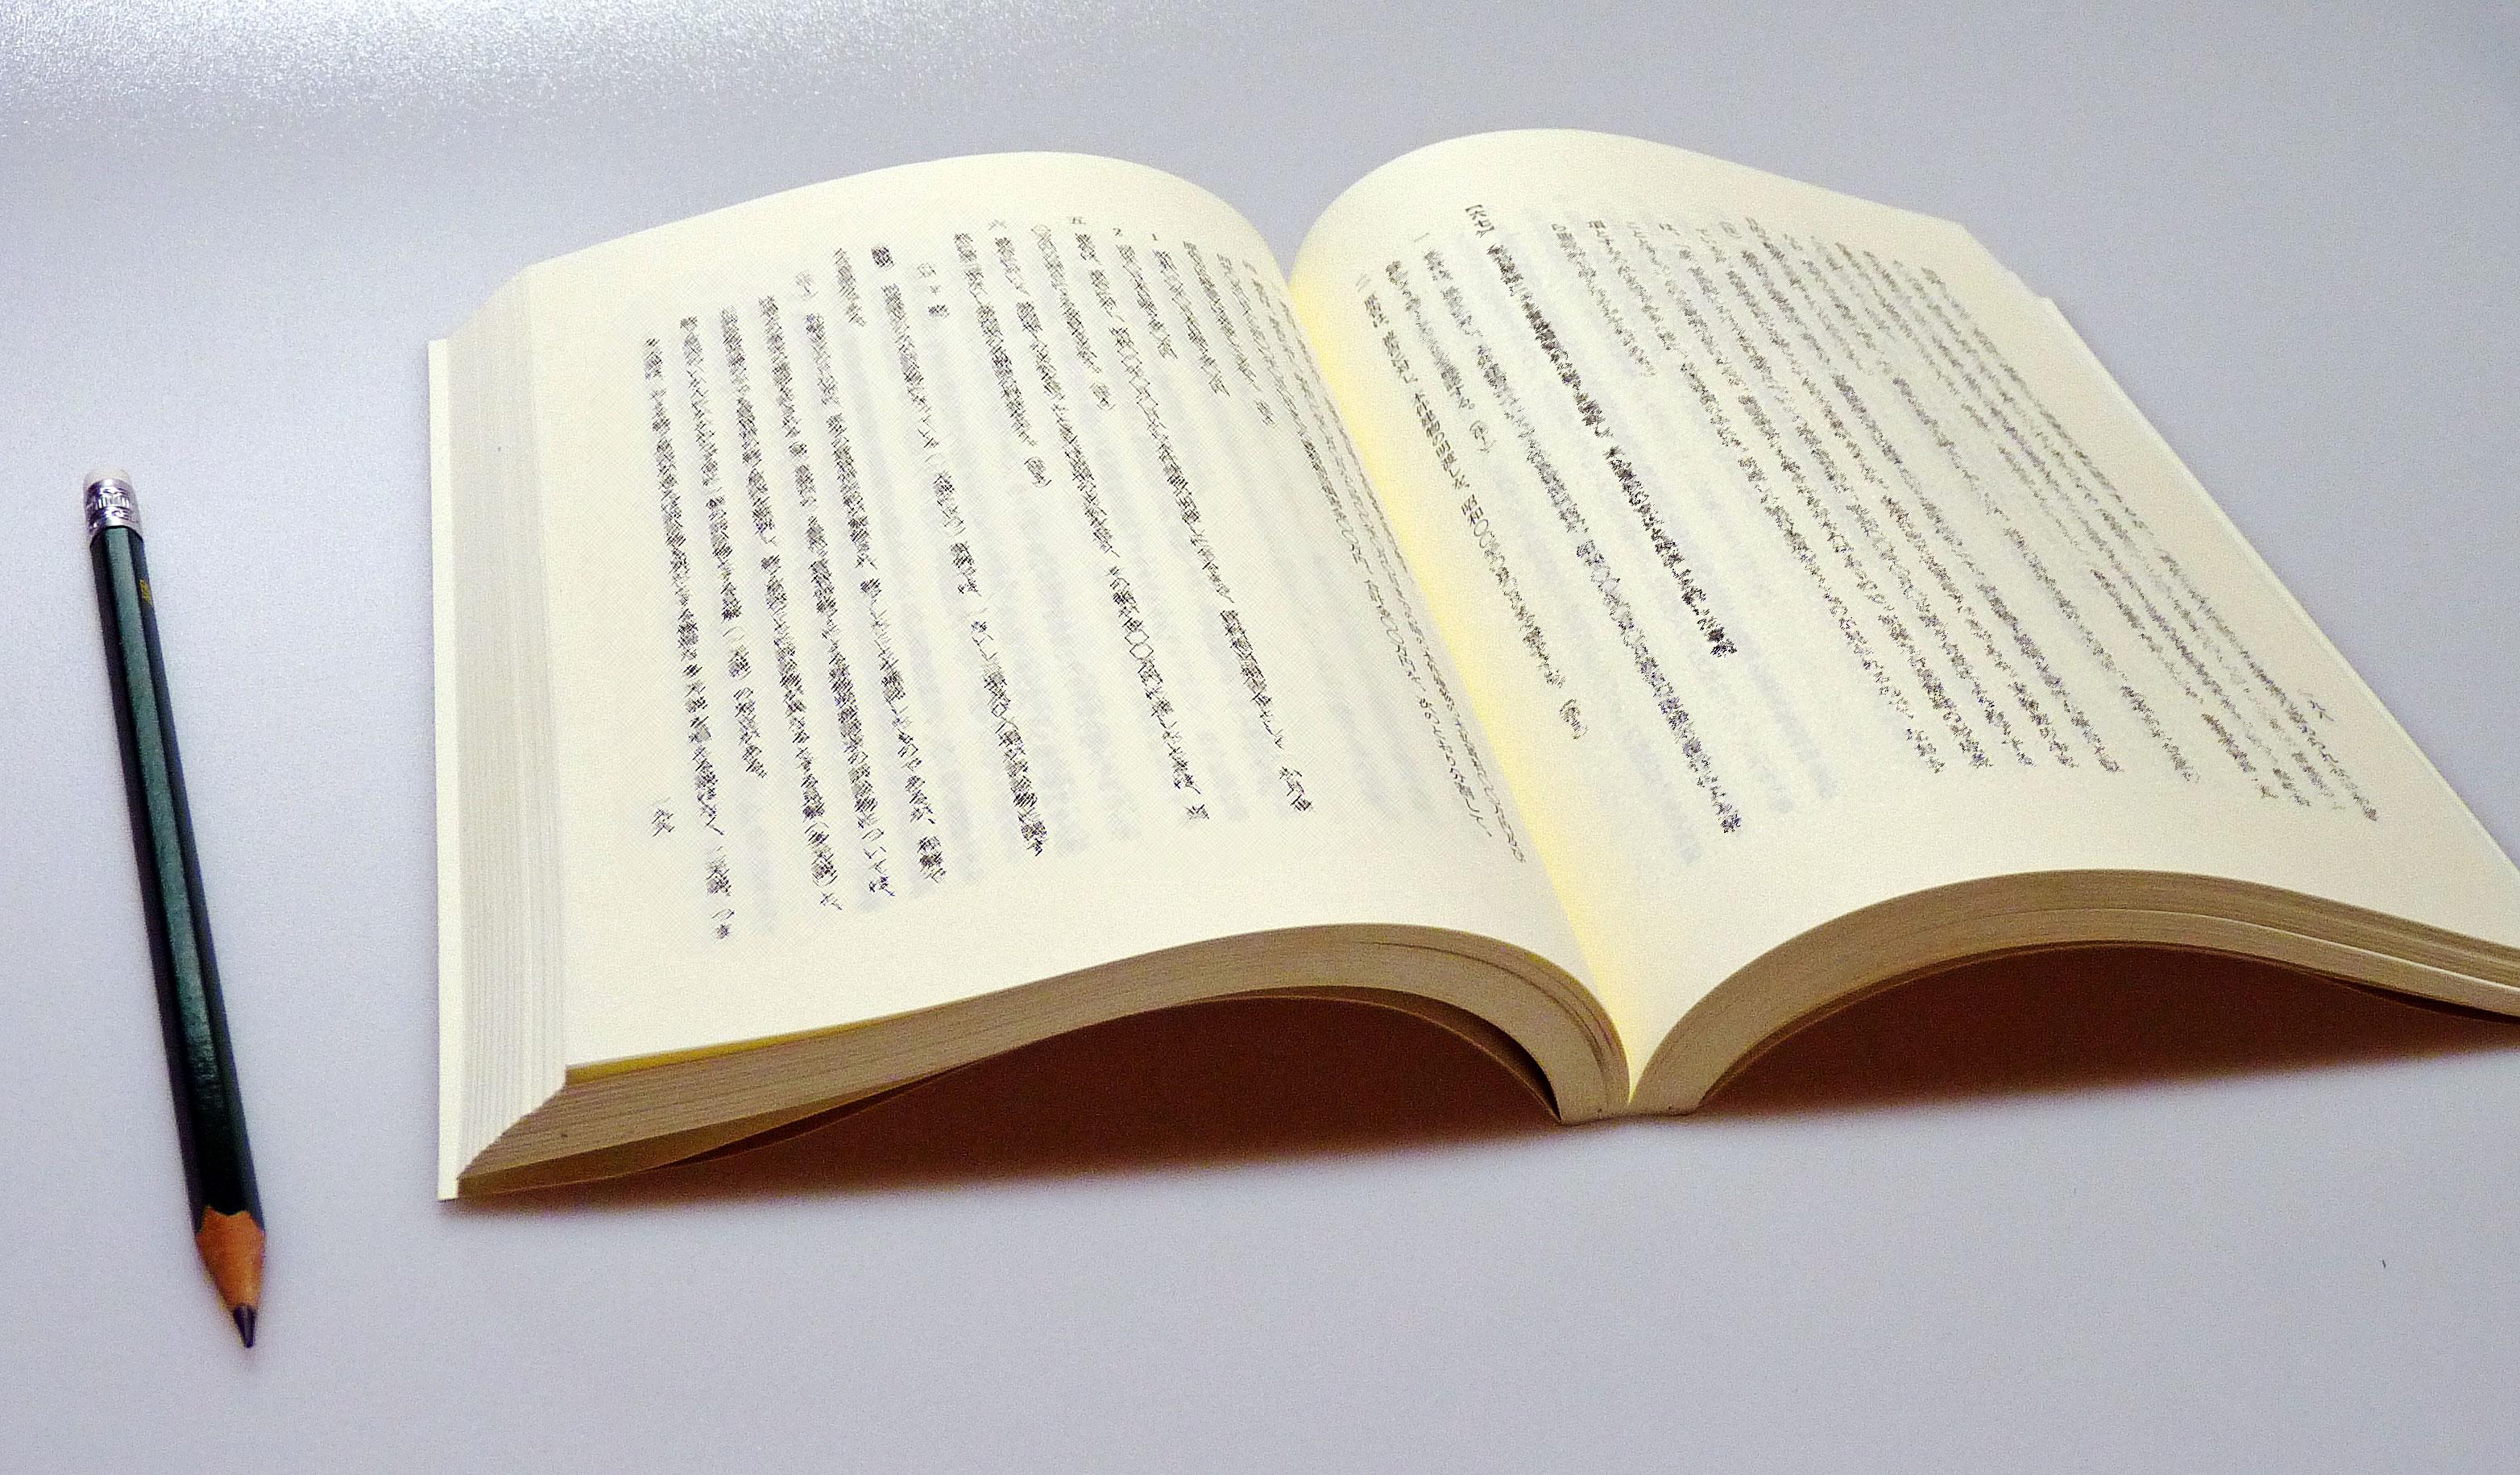 縦書きの本と鉛筆の拡大写真